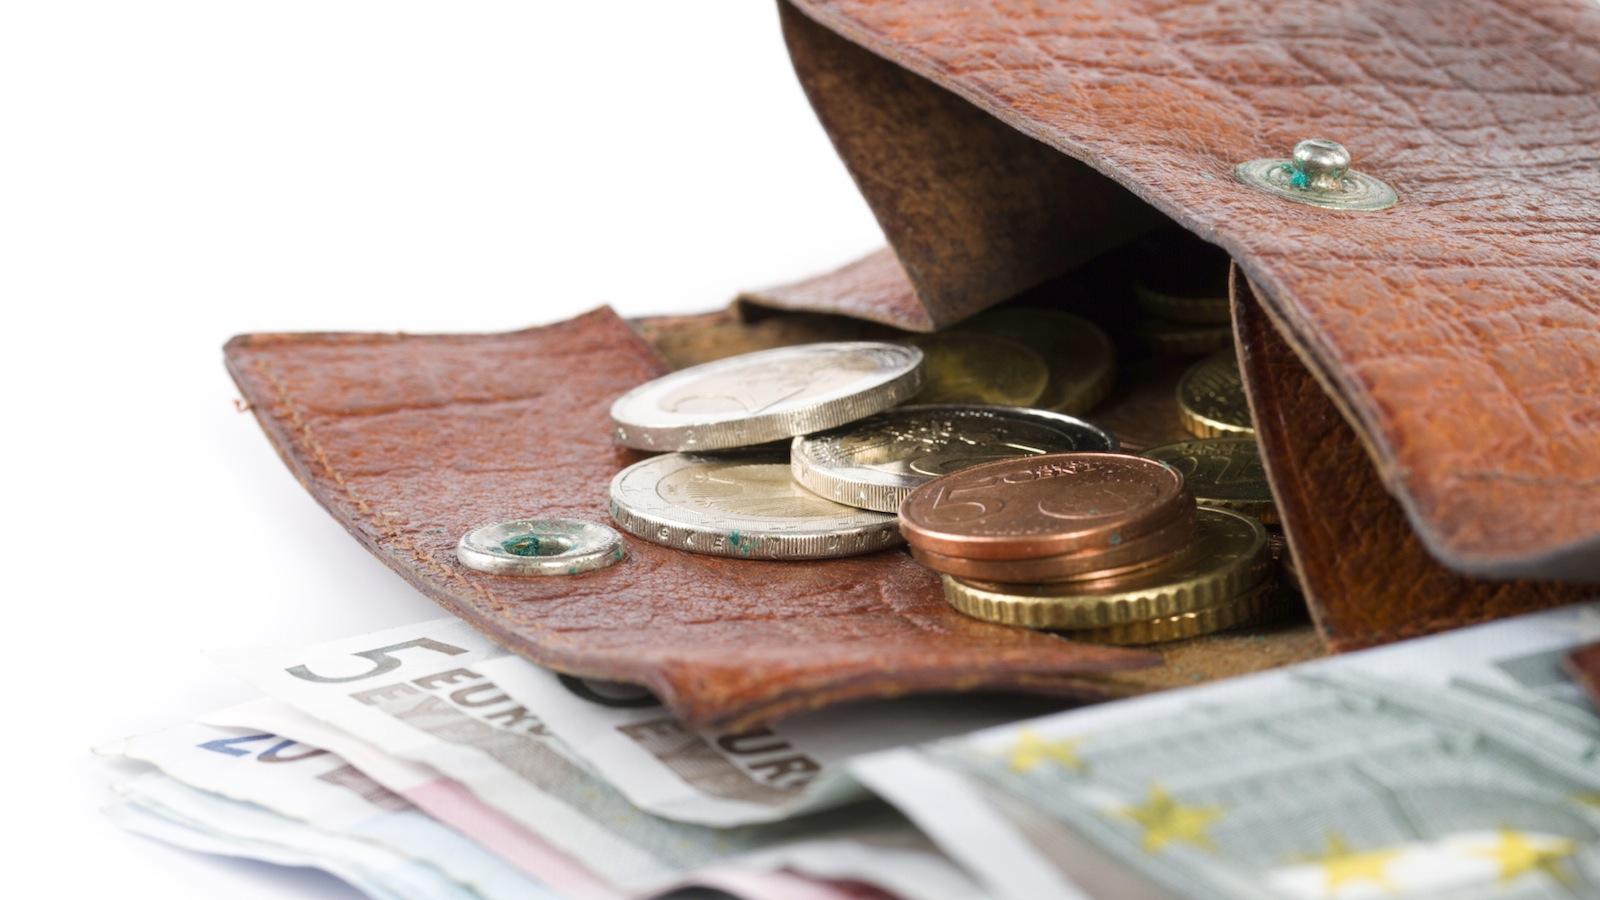 آخرین تحولات قیمتی در بازار طلا و سکه/ اجاره نشینی در نیاوران چقدر هزینه دارد؟